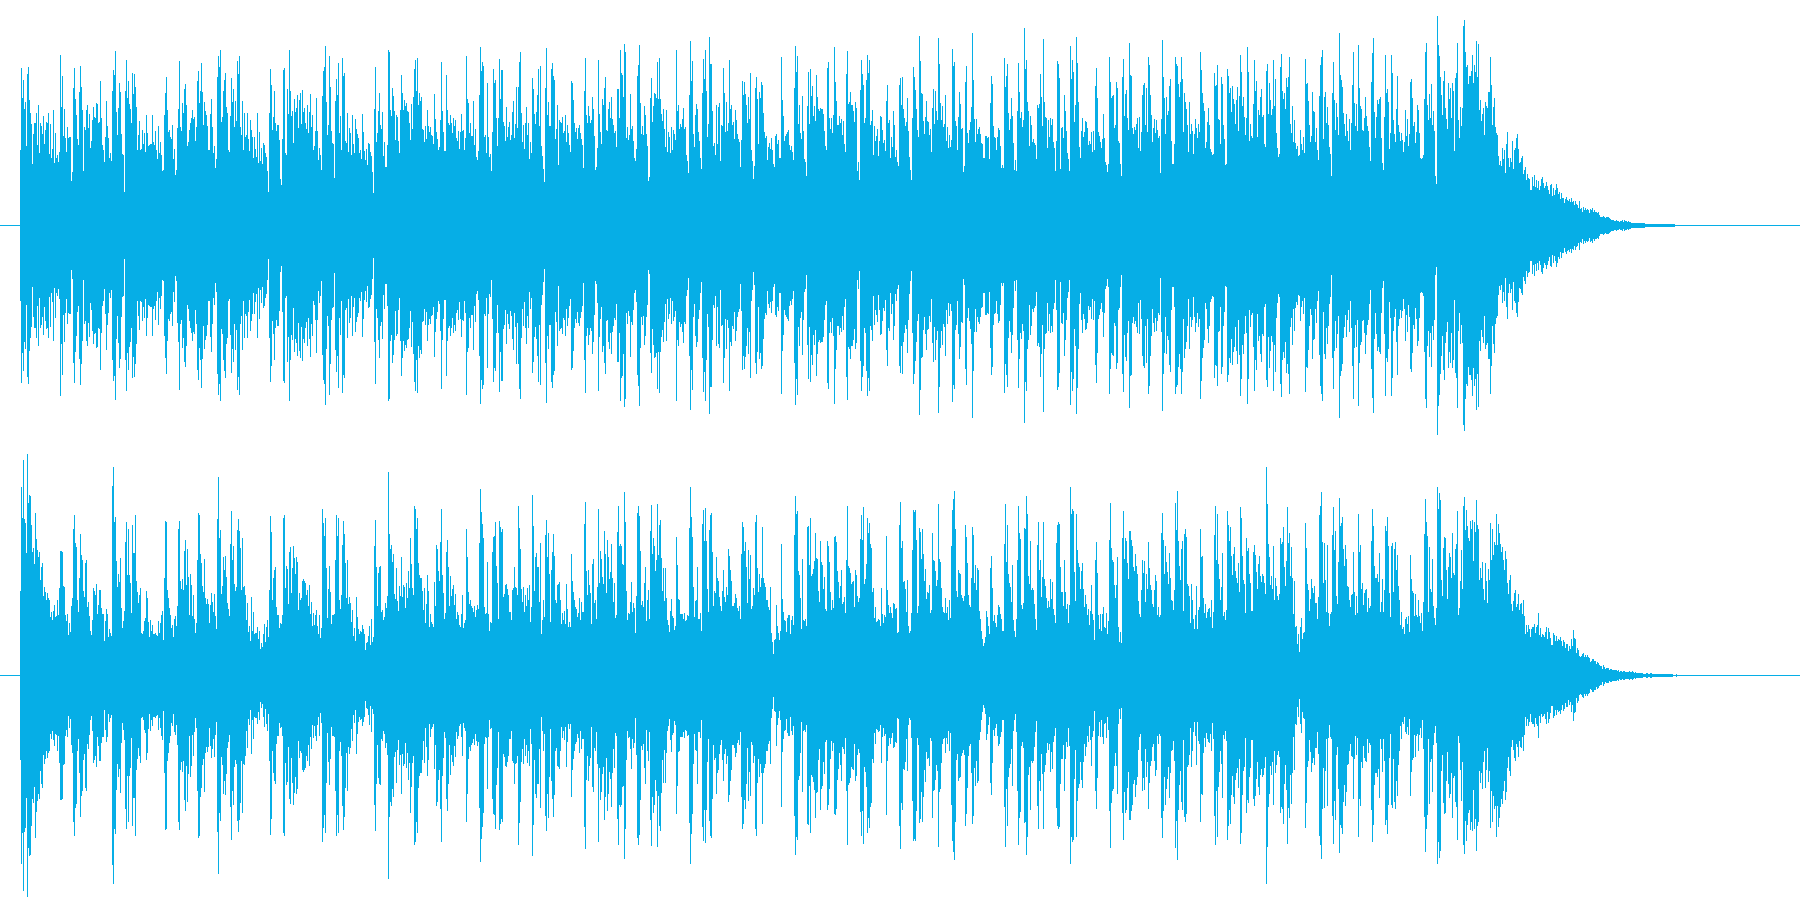 リズミカルで軽快なテクノポップジングルの再生済みの波形